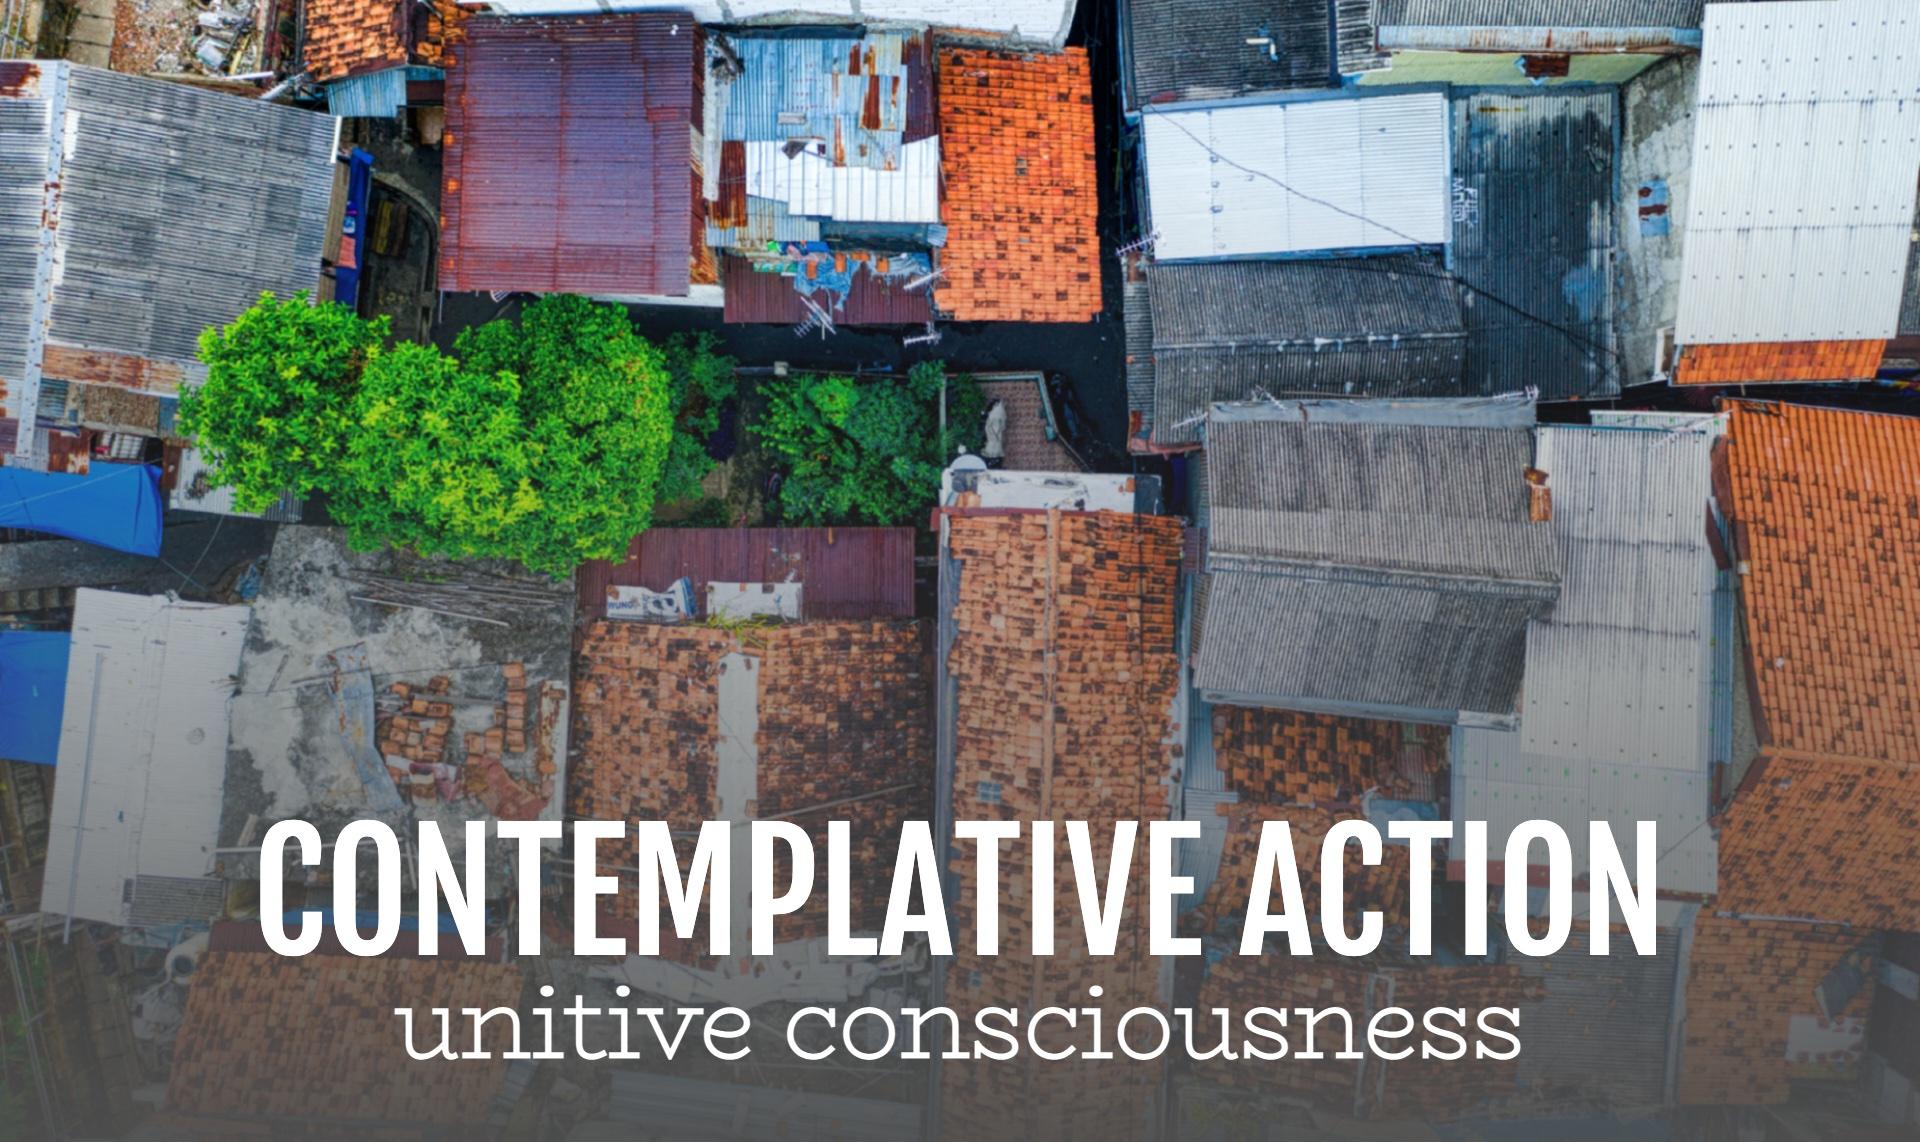 unitive consciousness 4